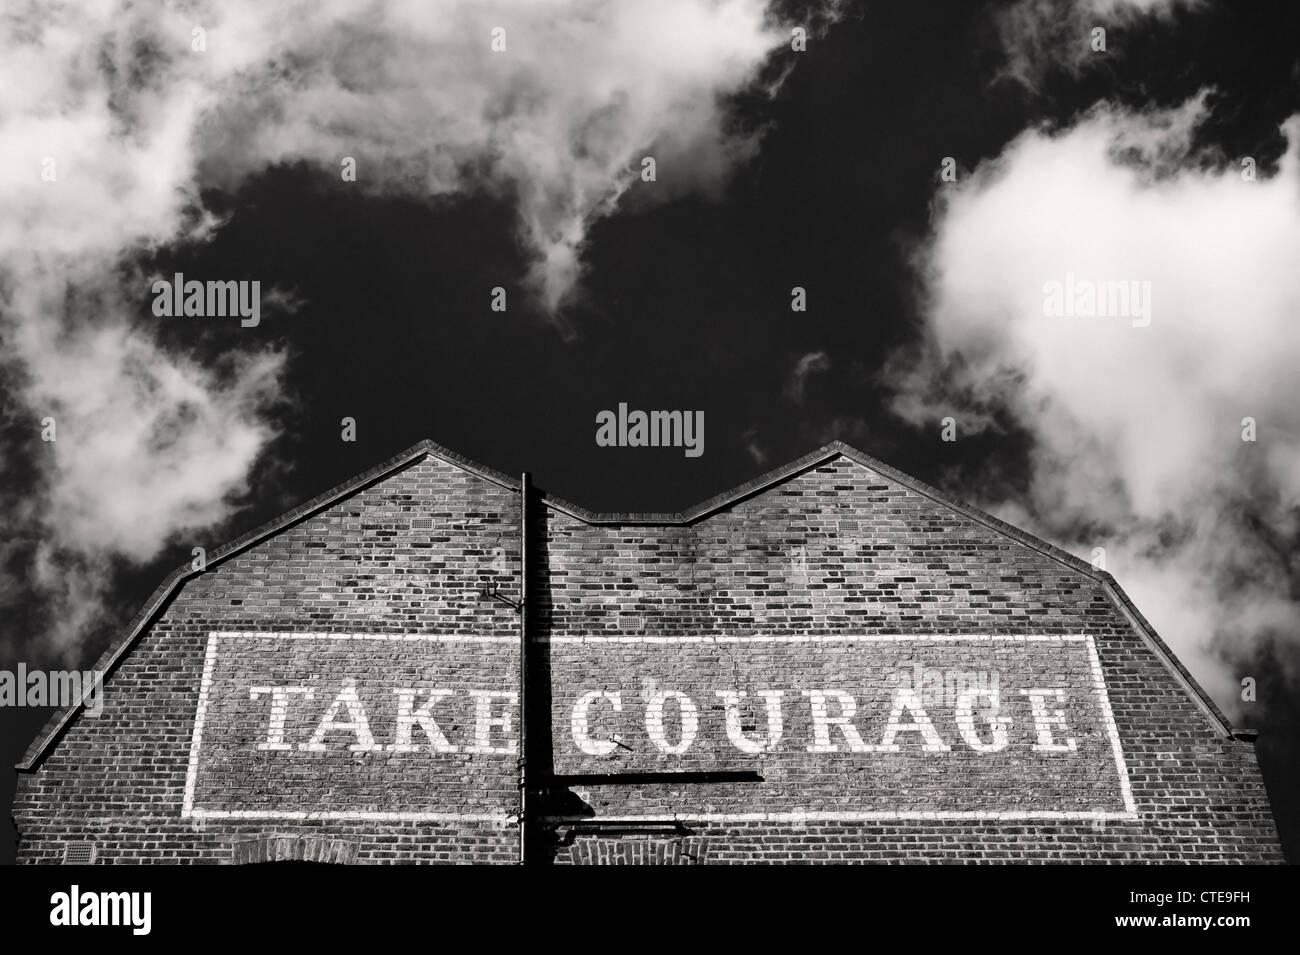 Edificio a Southwark Londra con coraggio dipinto su di esso Immagini Stock